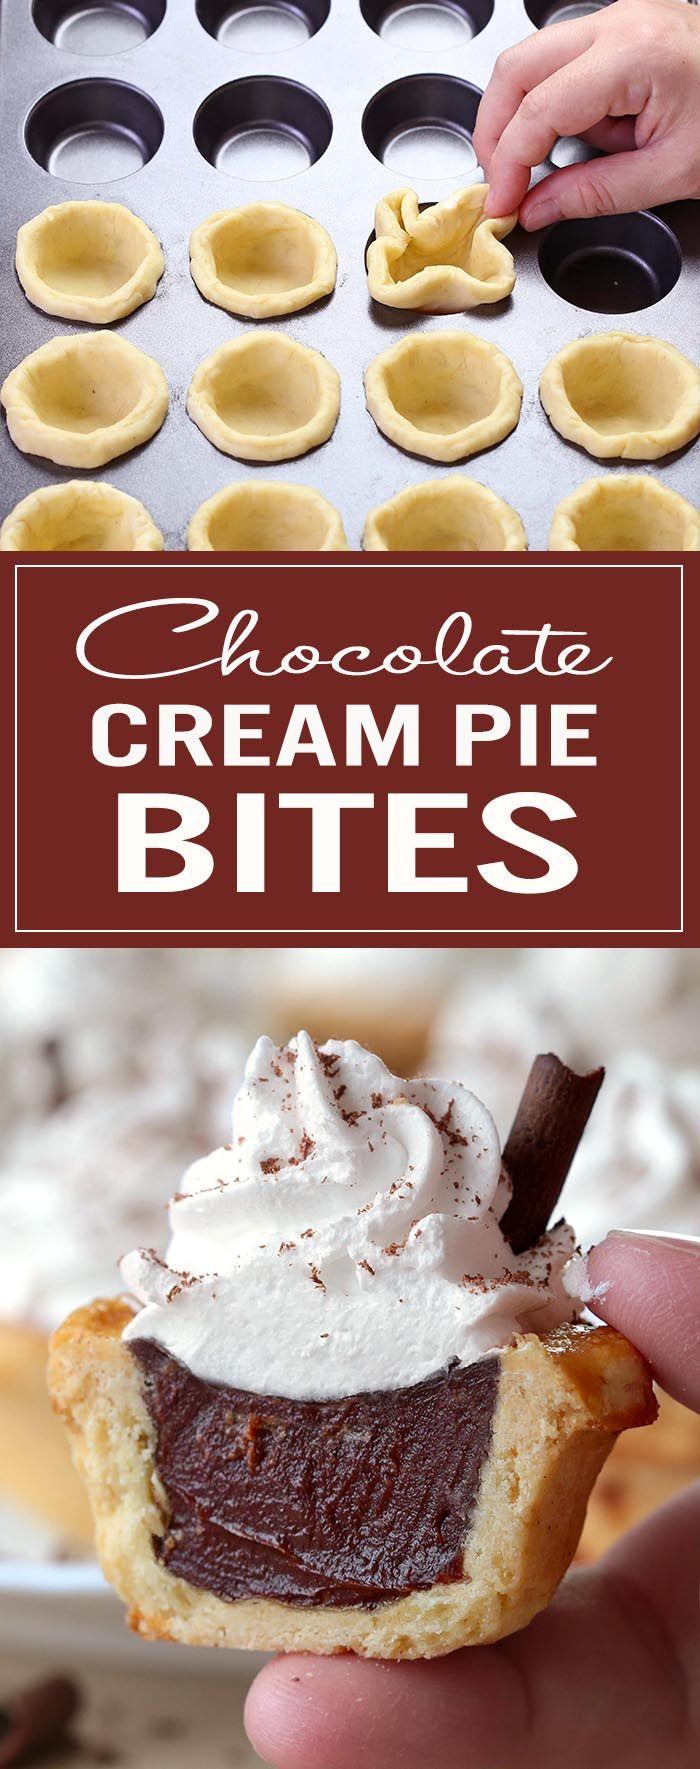 Chocolate Cream Pie Bites